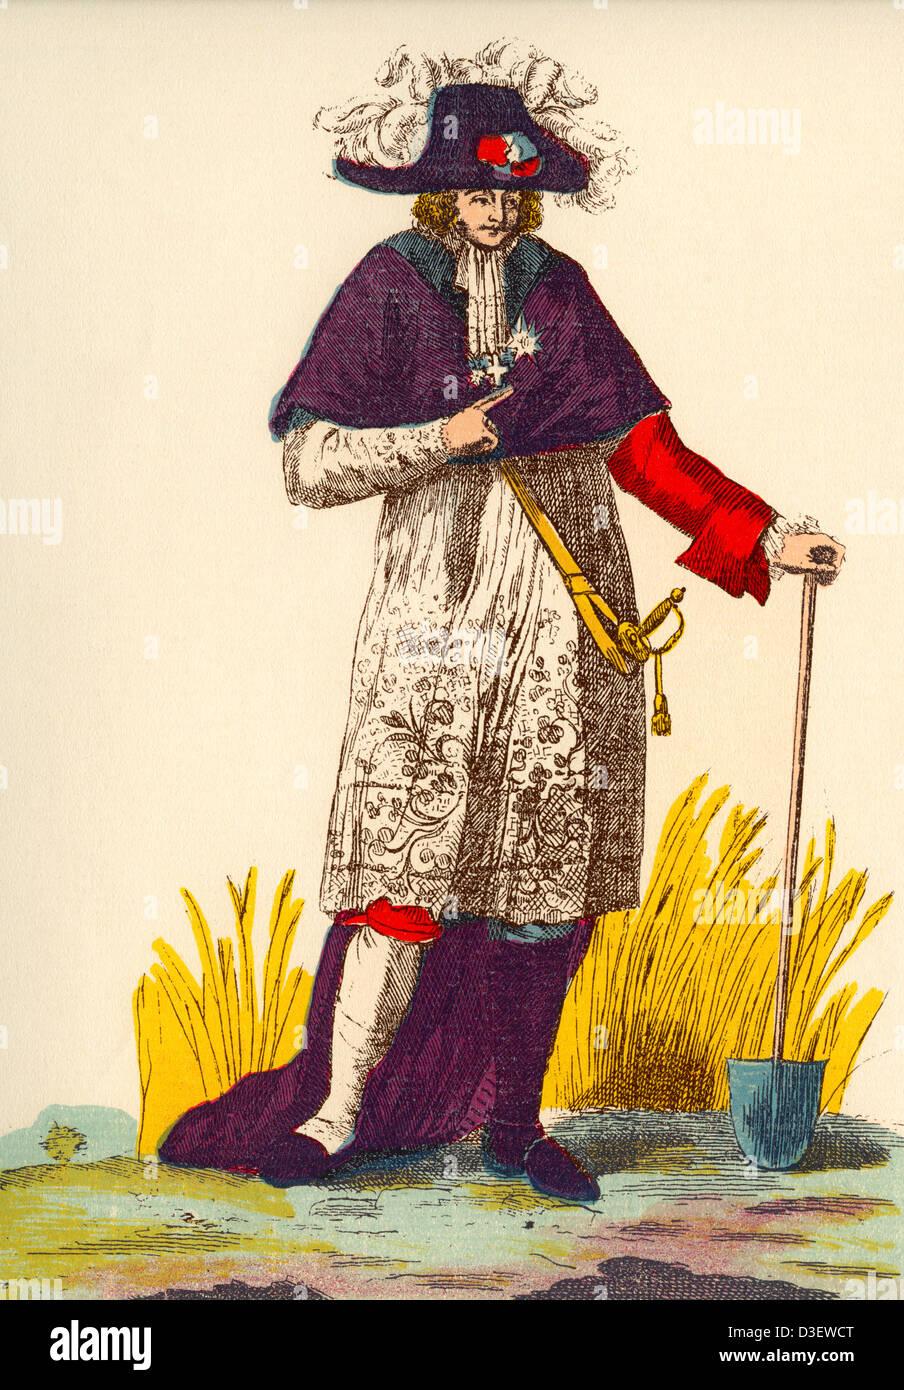 Uomo che indossa una miscela di vestiti che rappresentano i tre ordini - clero, nobiltà e lavoratore - in Francia Immagini Stock